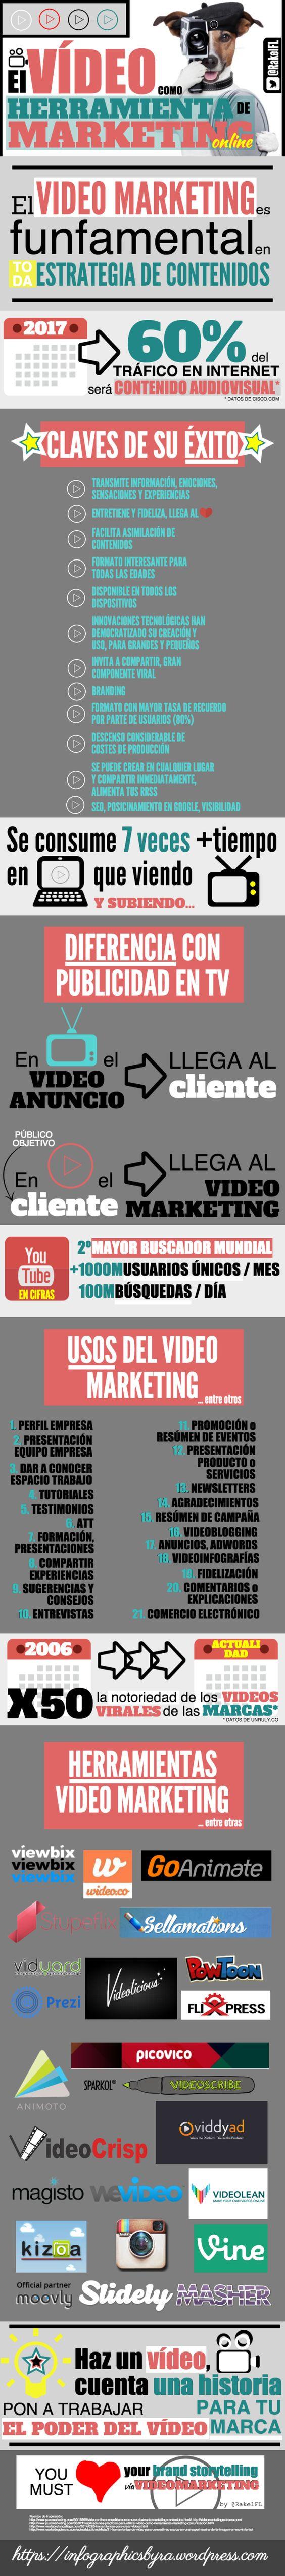 El Vídeo cómo herramienta de marketing de contenidos #SocialMedia #infografia